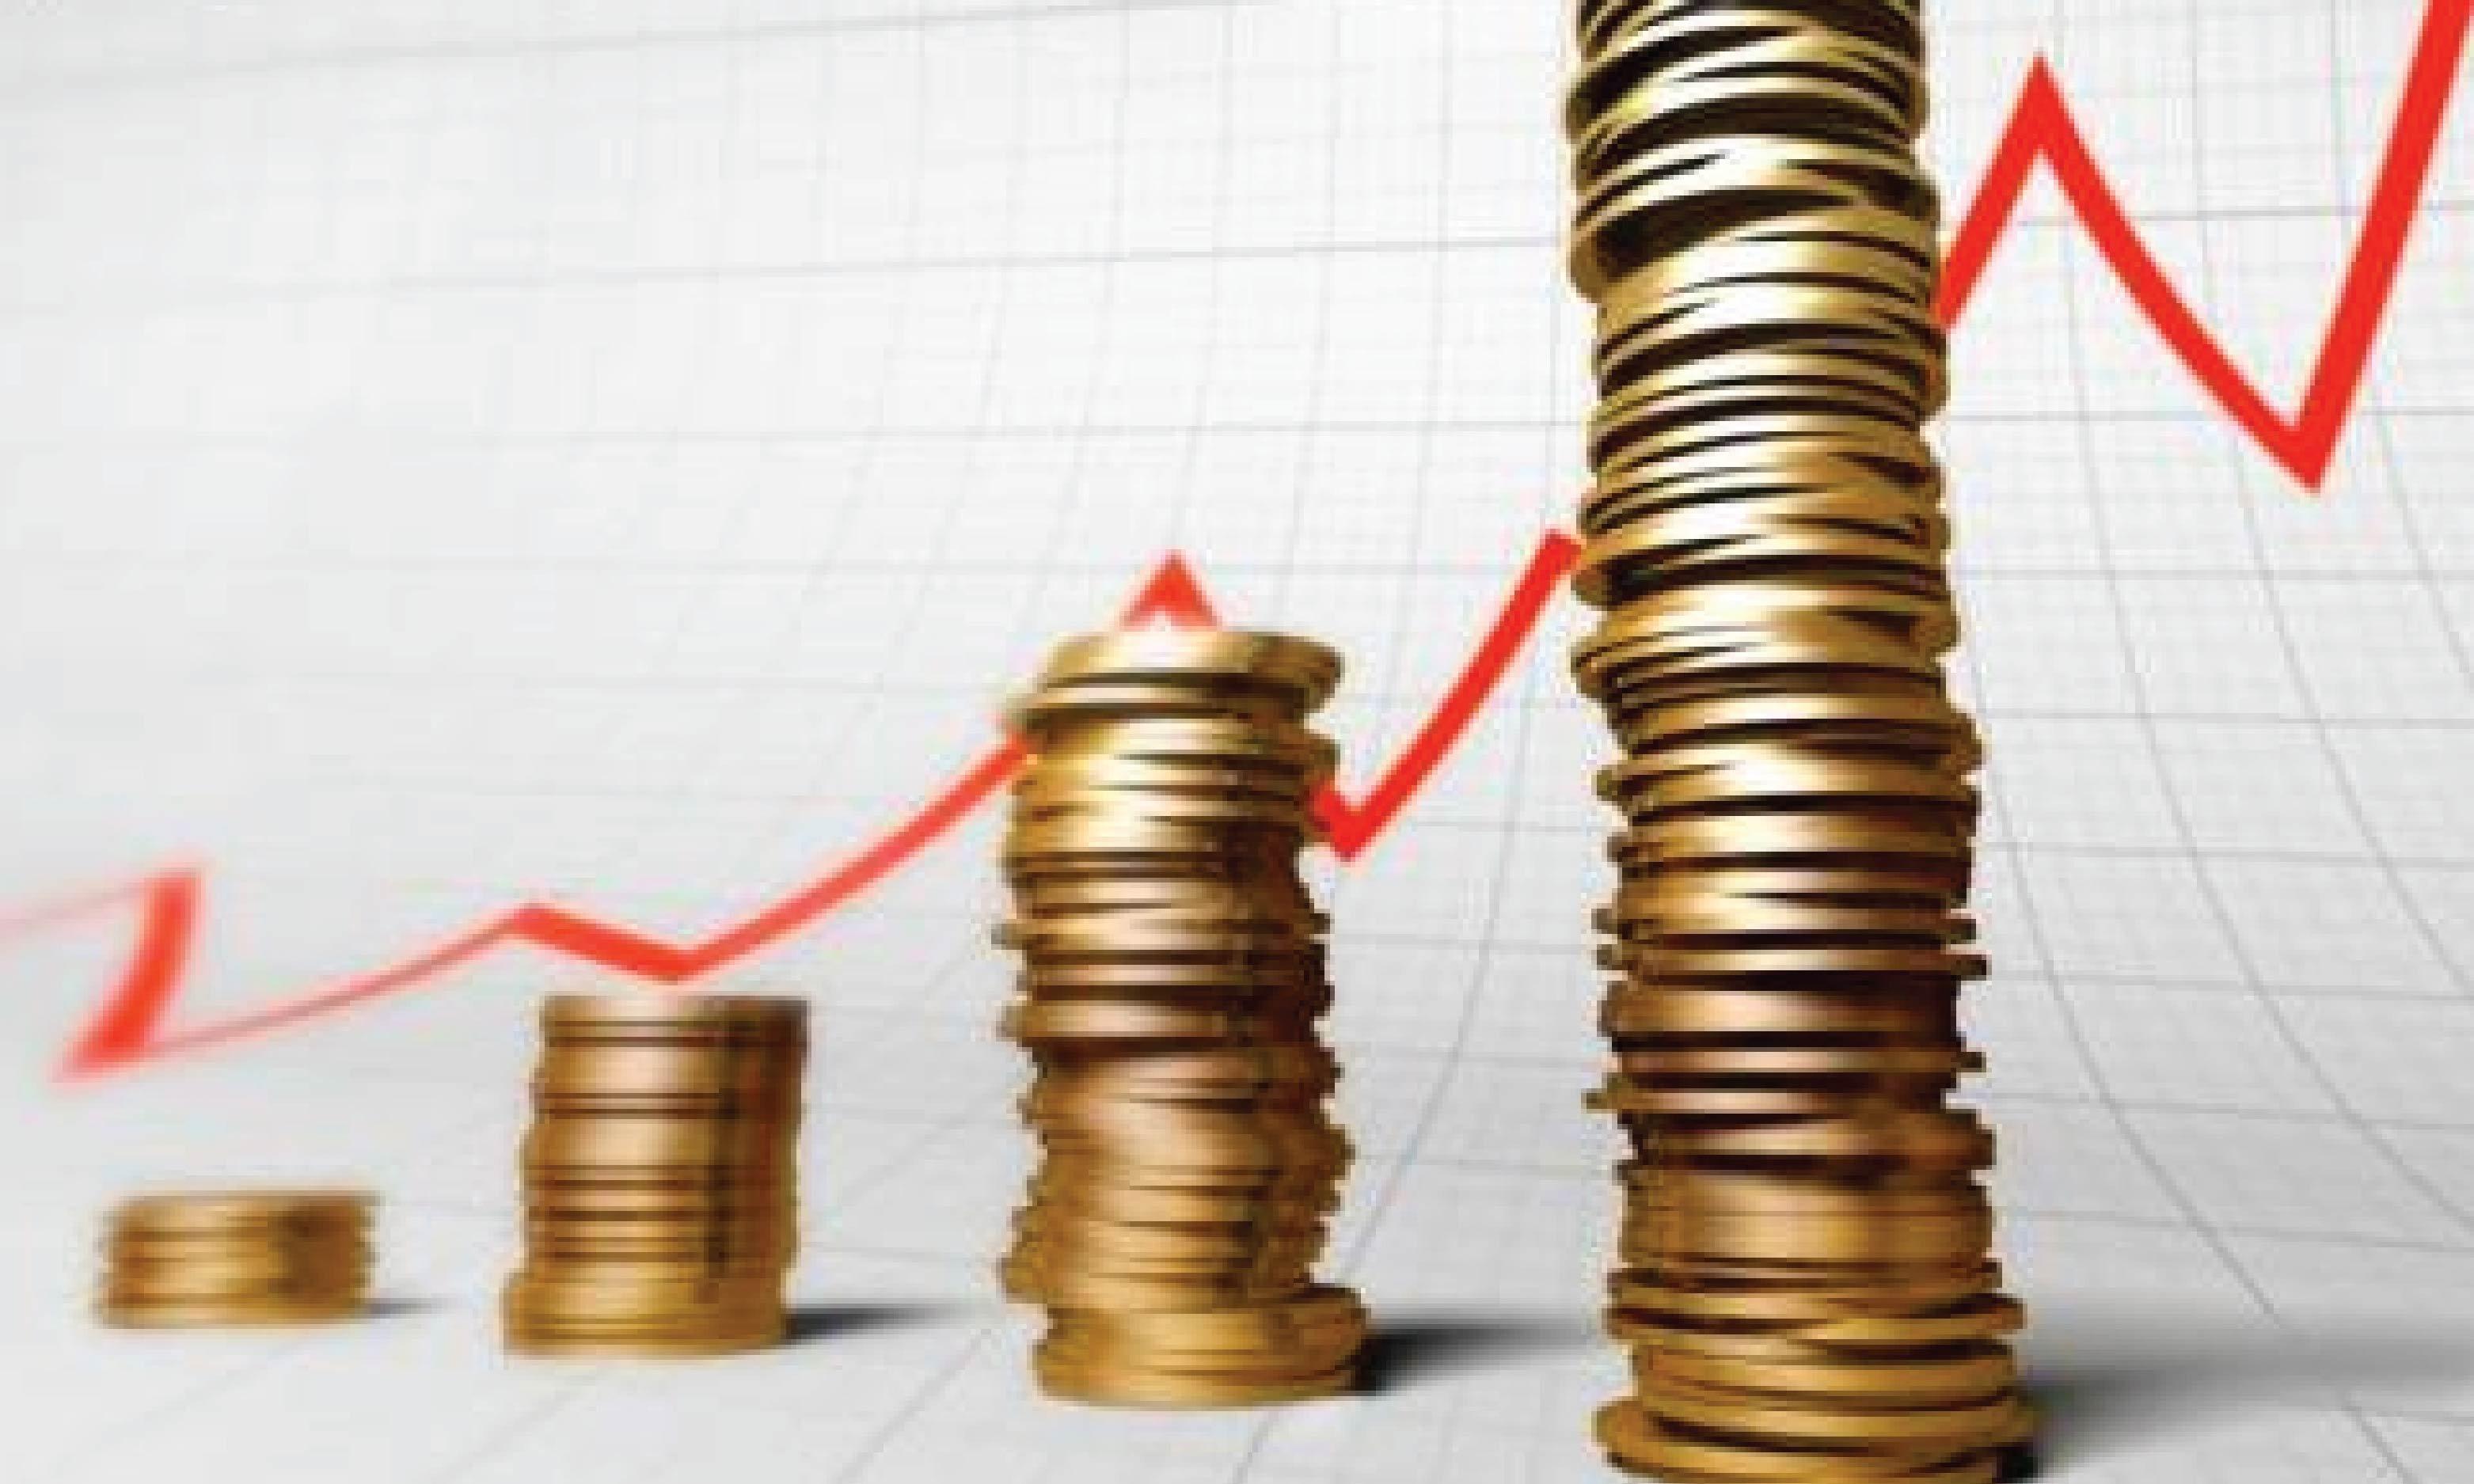 Специалисты финансового рынка сравнили личную инфляцию россиян и официальную